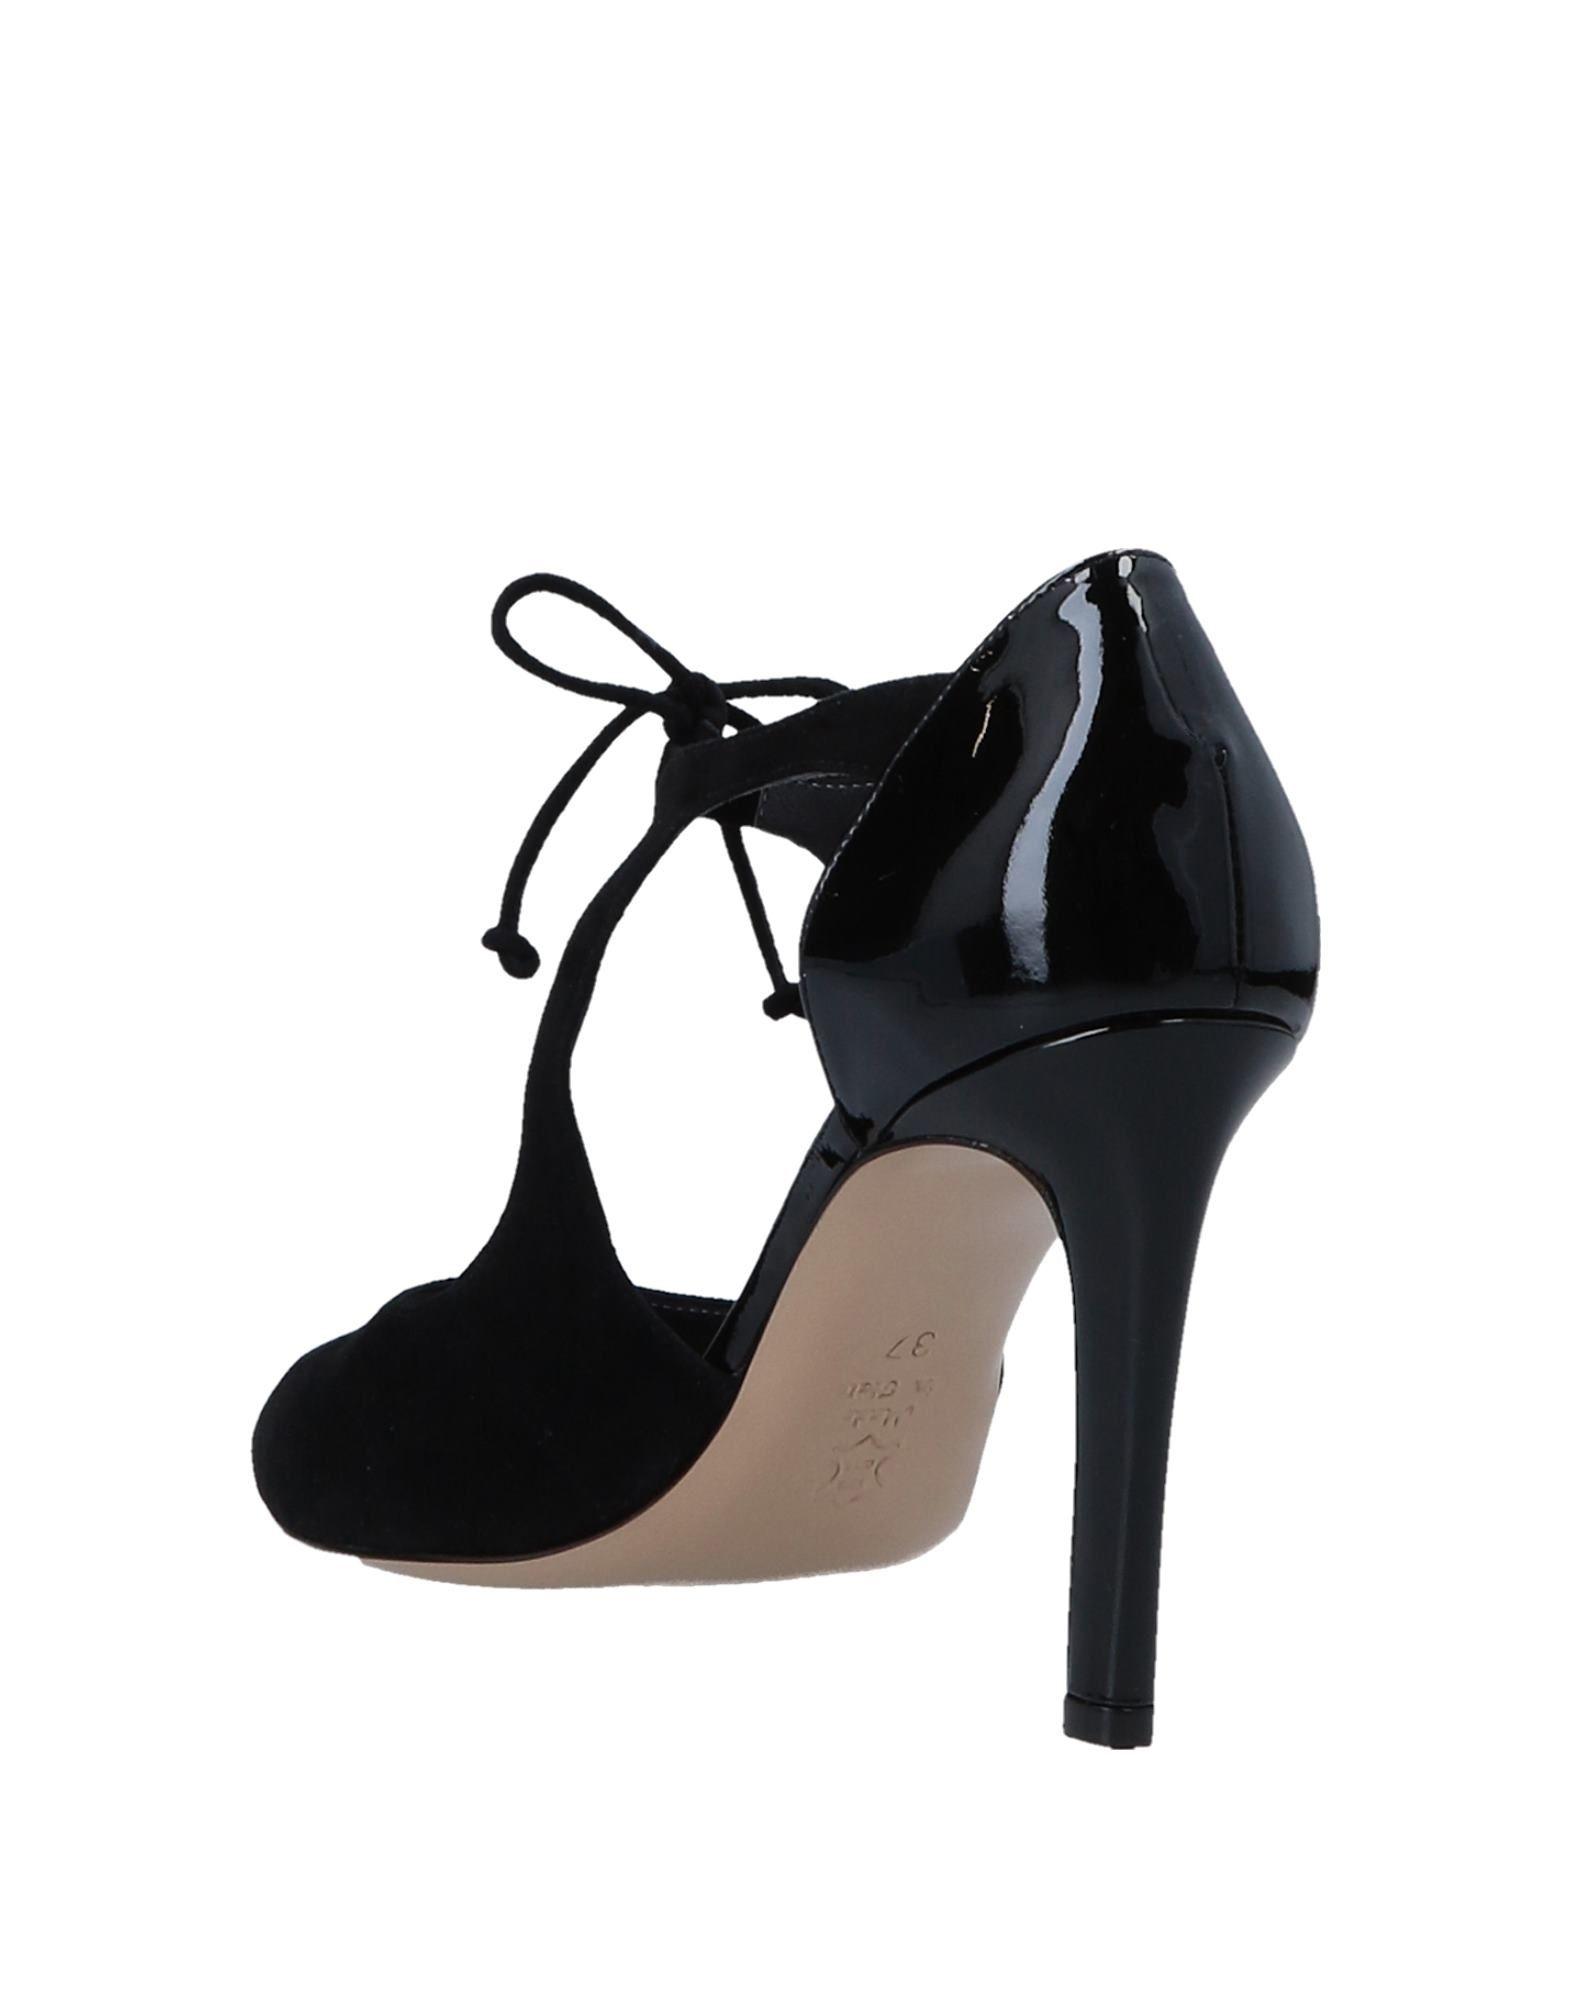 Calpierre 11551971OP Pumps Damen  11551971OP Calpierre Gute Qualität beliebte Schuhe 7089e0